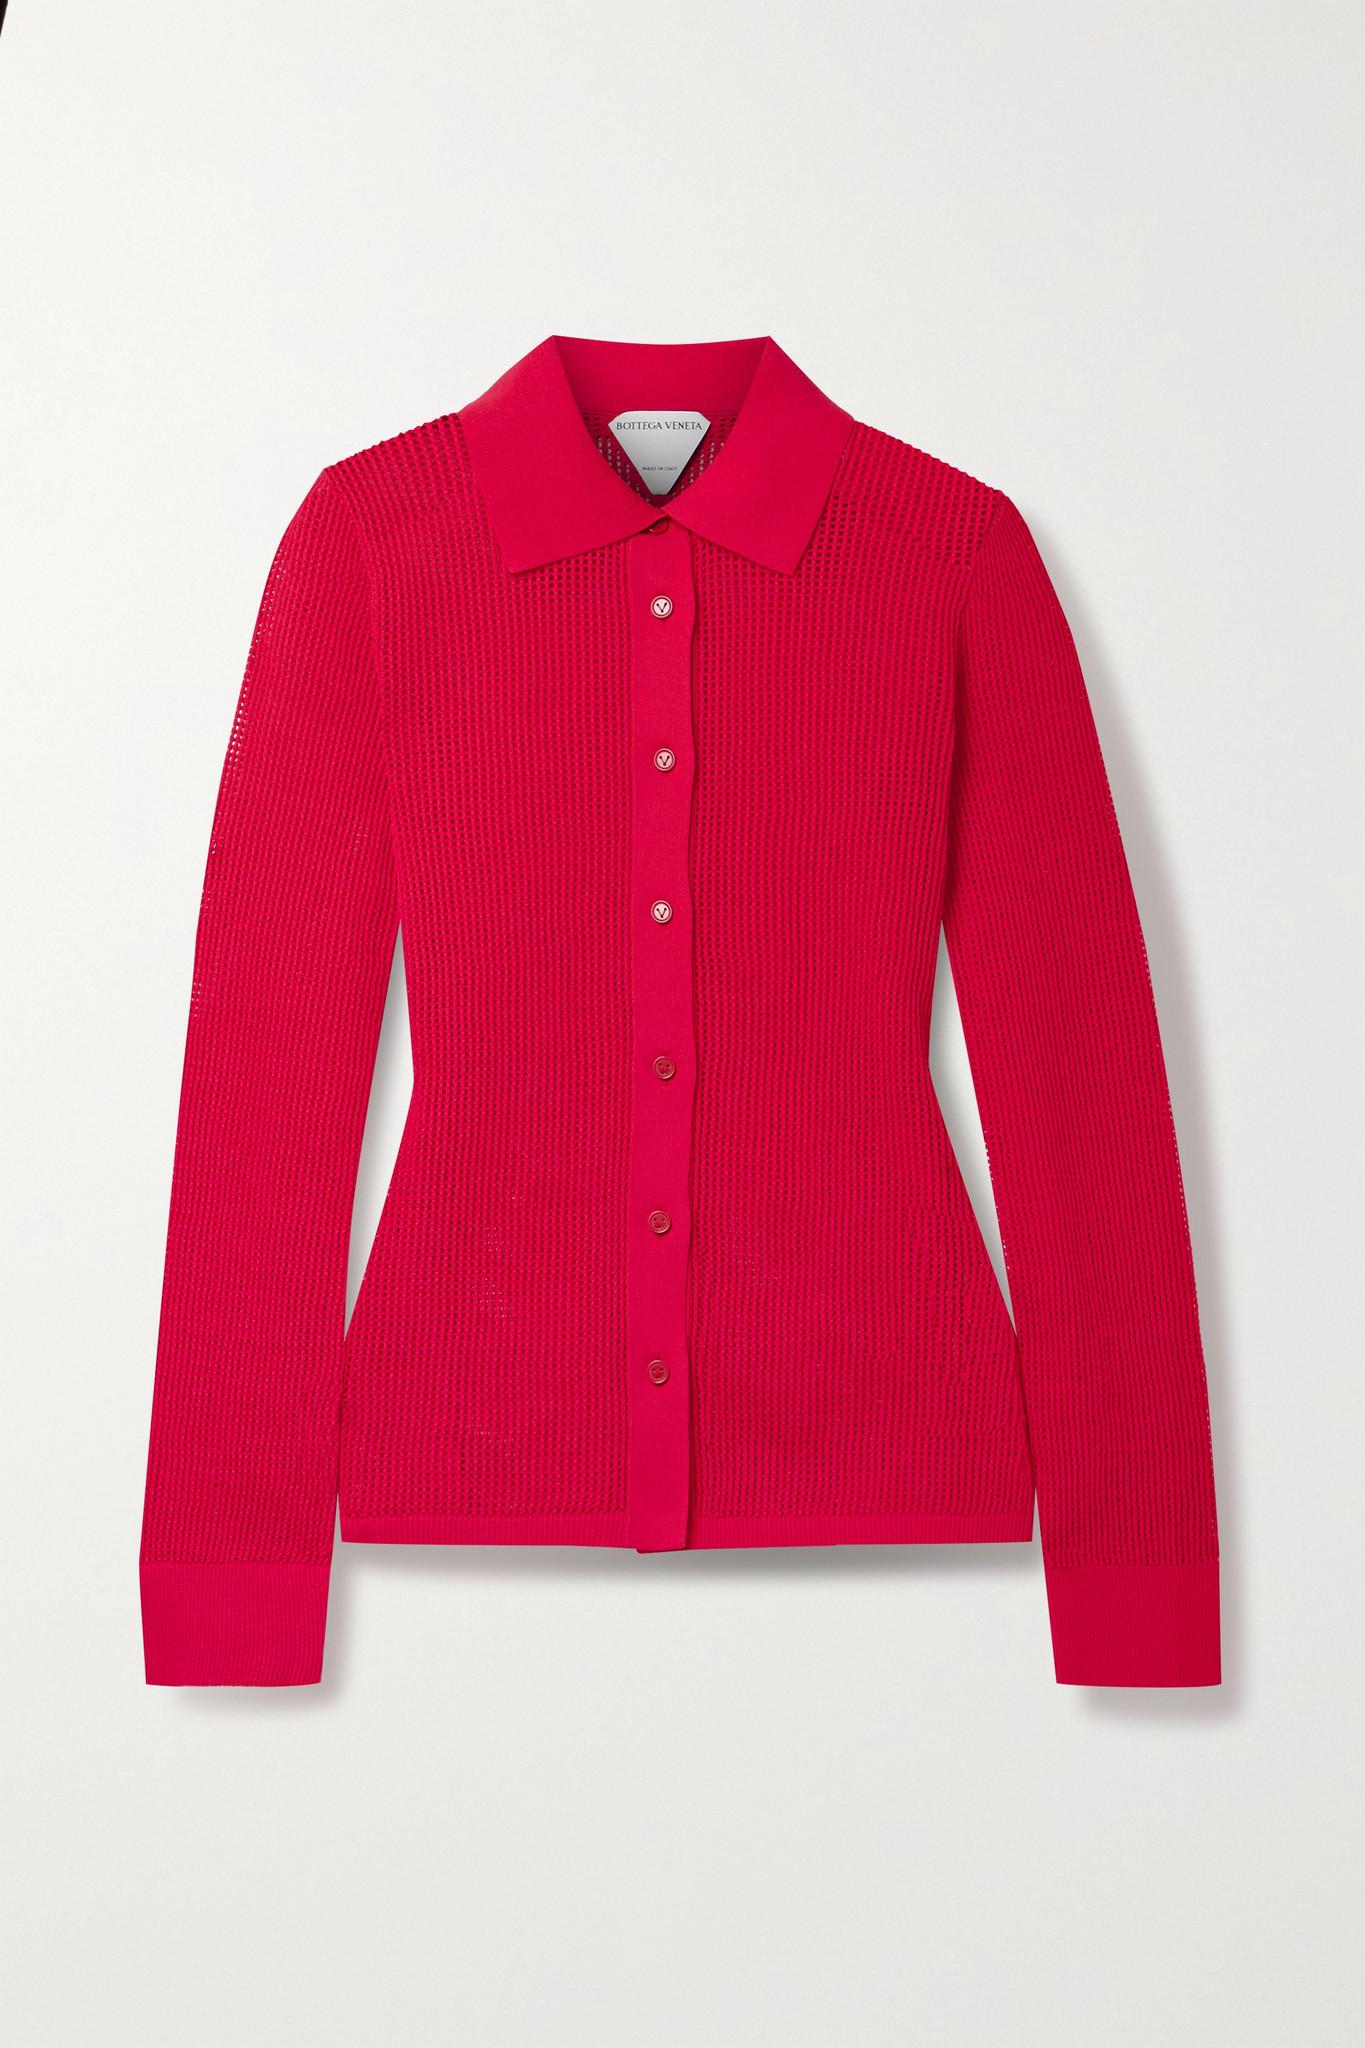 BOTTEGA VENETA - 镂空针织衬衫 - 红色 - x large